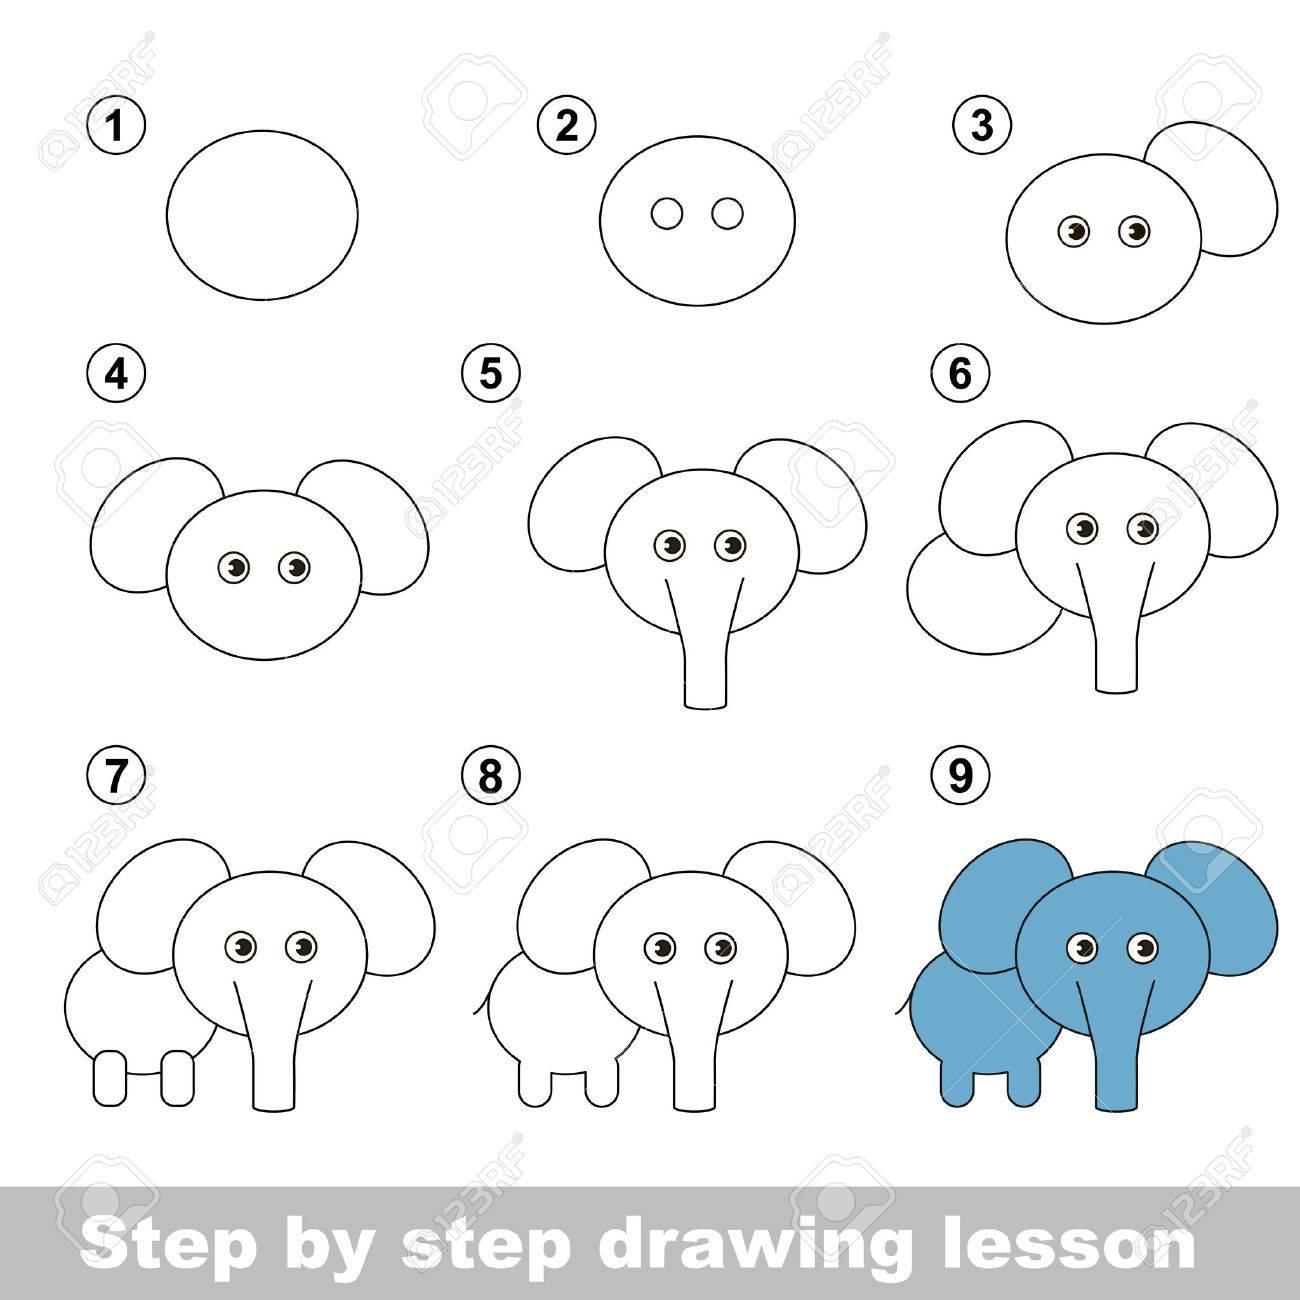 Paso A Paso Tutorial De Dibujo Vector De Juego De Niños Cómo Dibujar Un Elefante